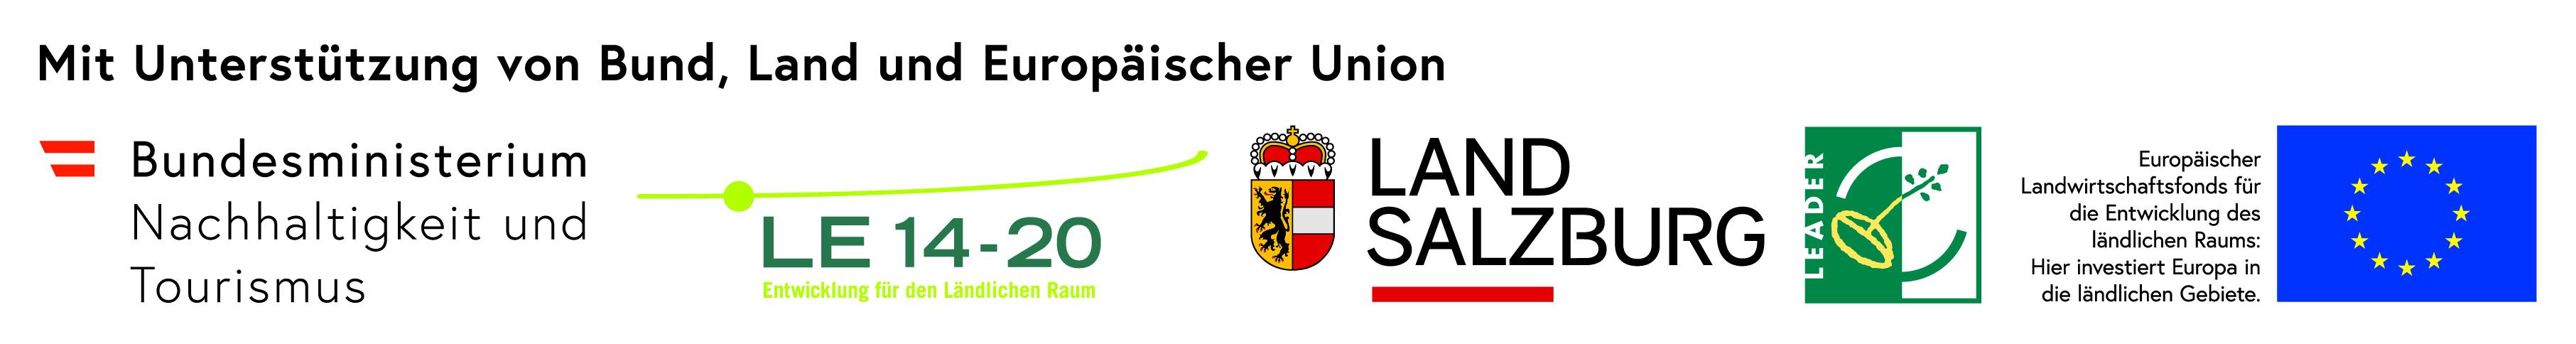 Logoleisten Bund_Land_Leader_EU 2018_PRINT